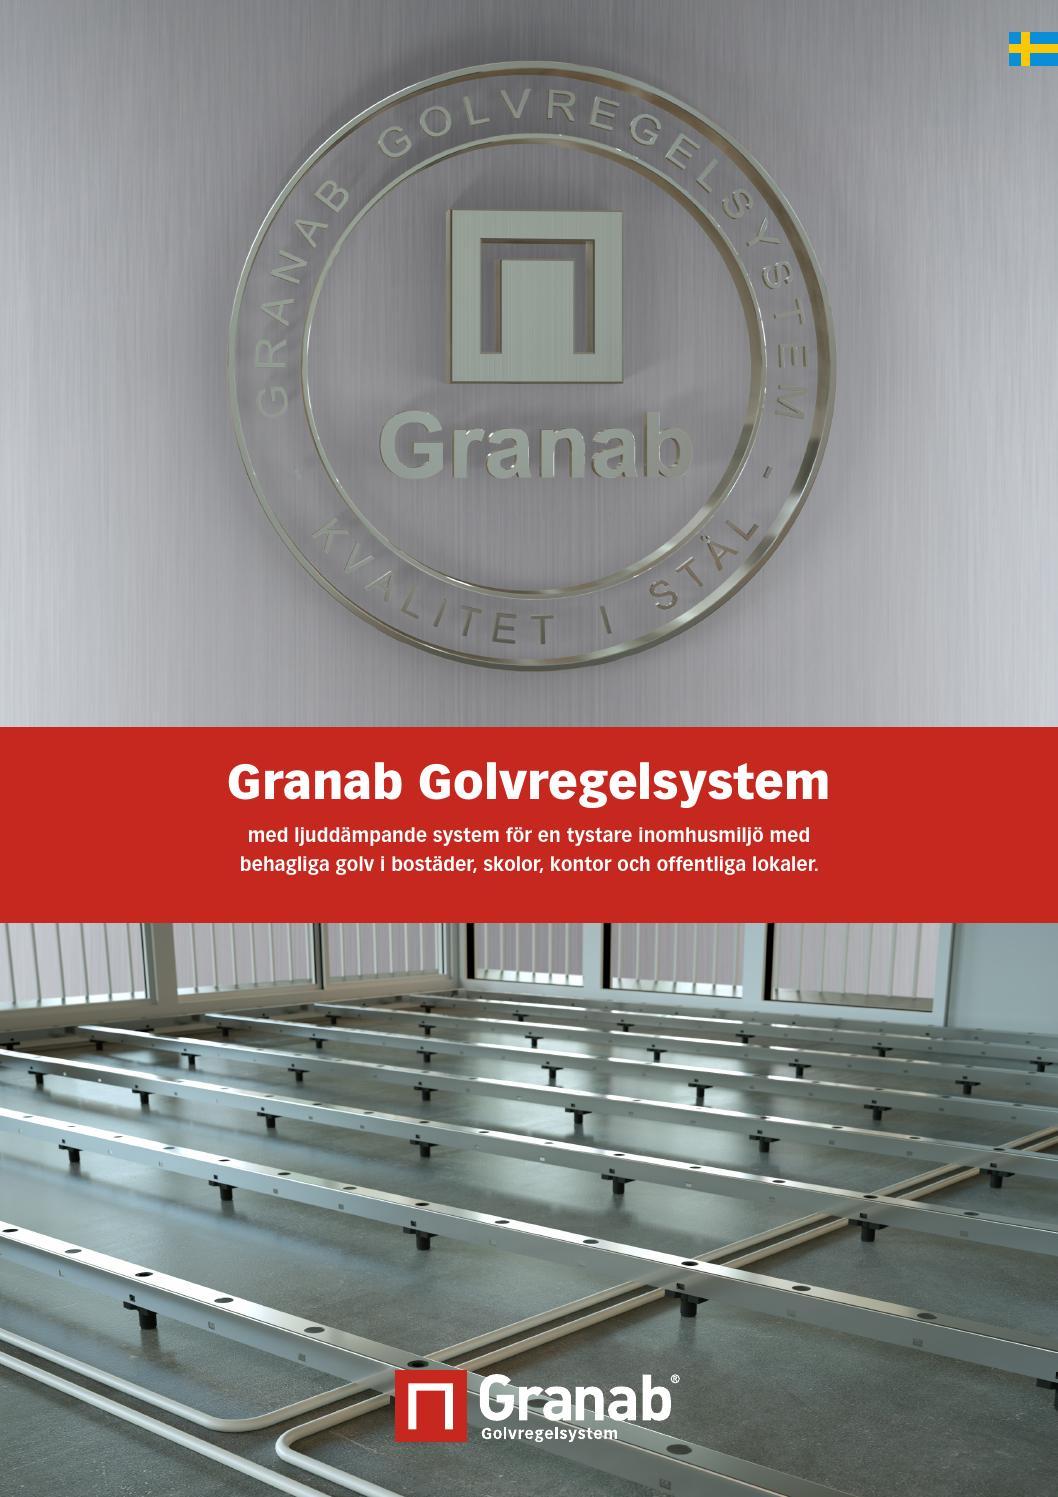 Granab golvregelsystem by bygg  och miljöteknik granab ab   issuu